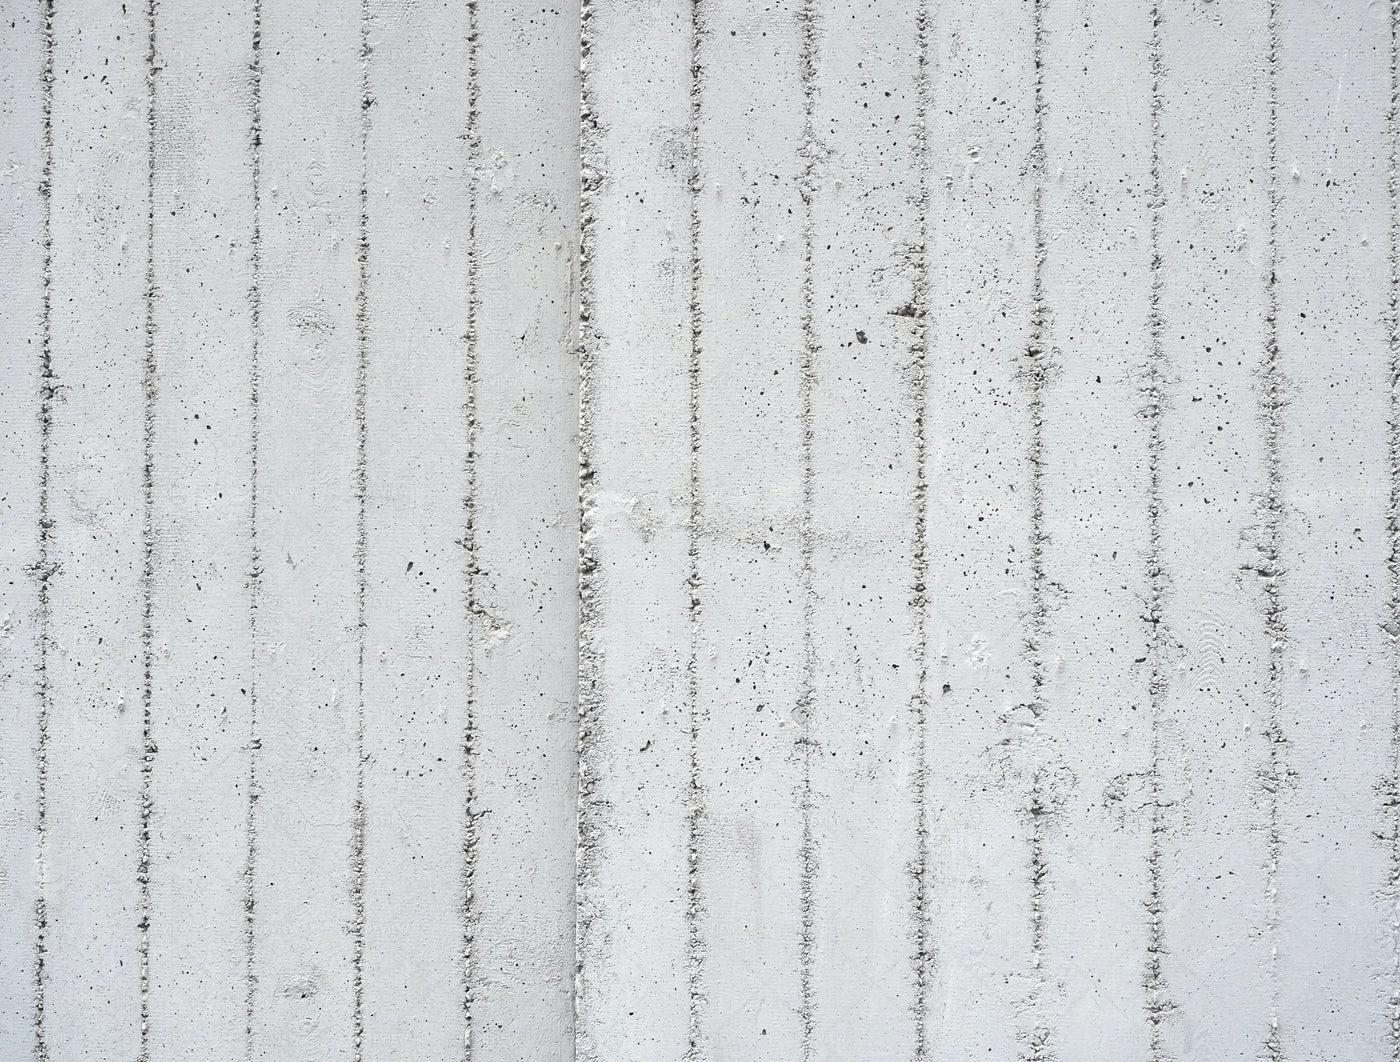 Gray Concrete Texture Wall: Stock Photos